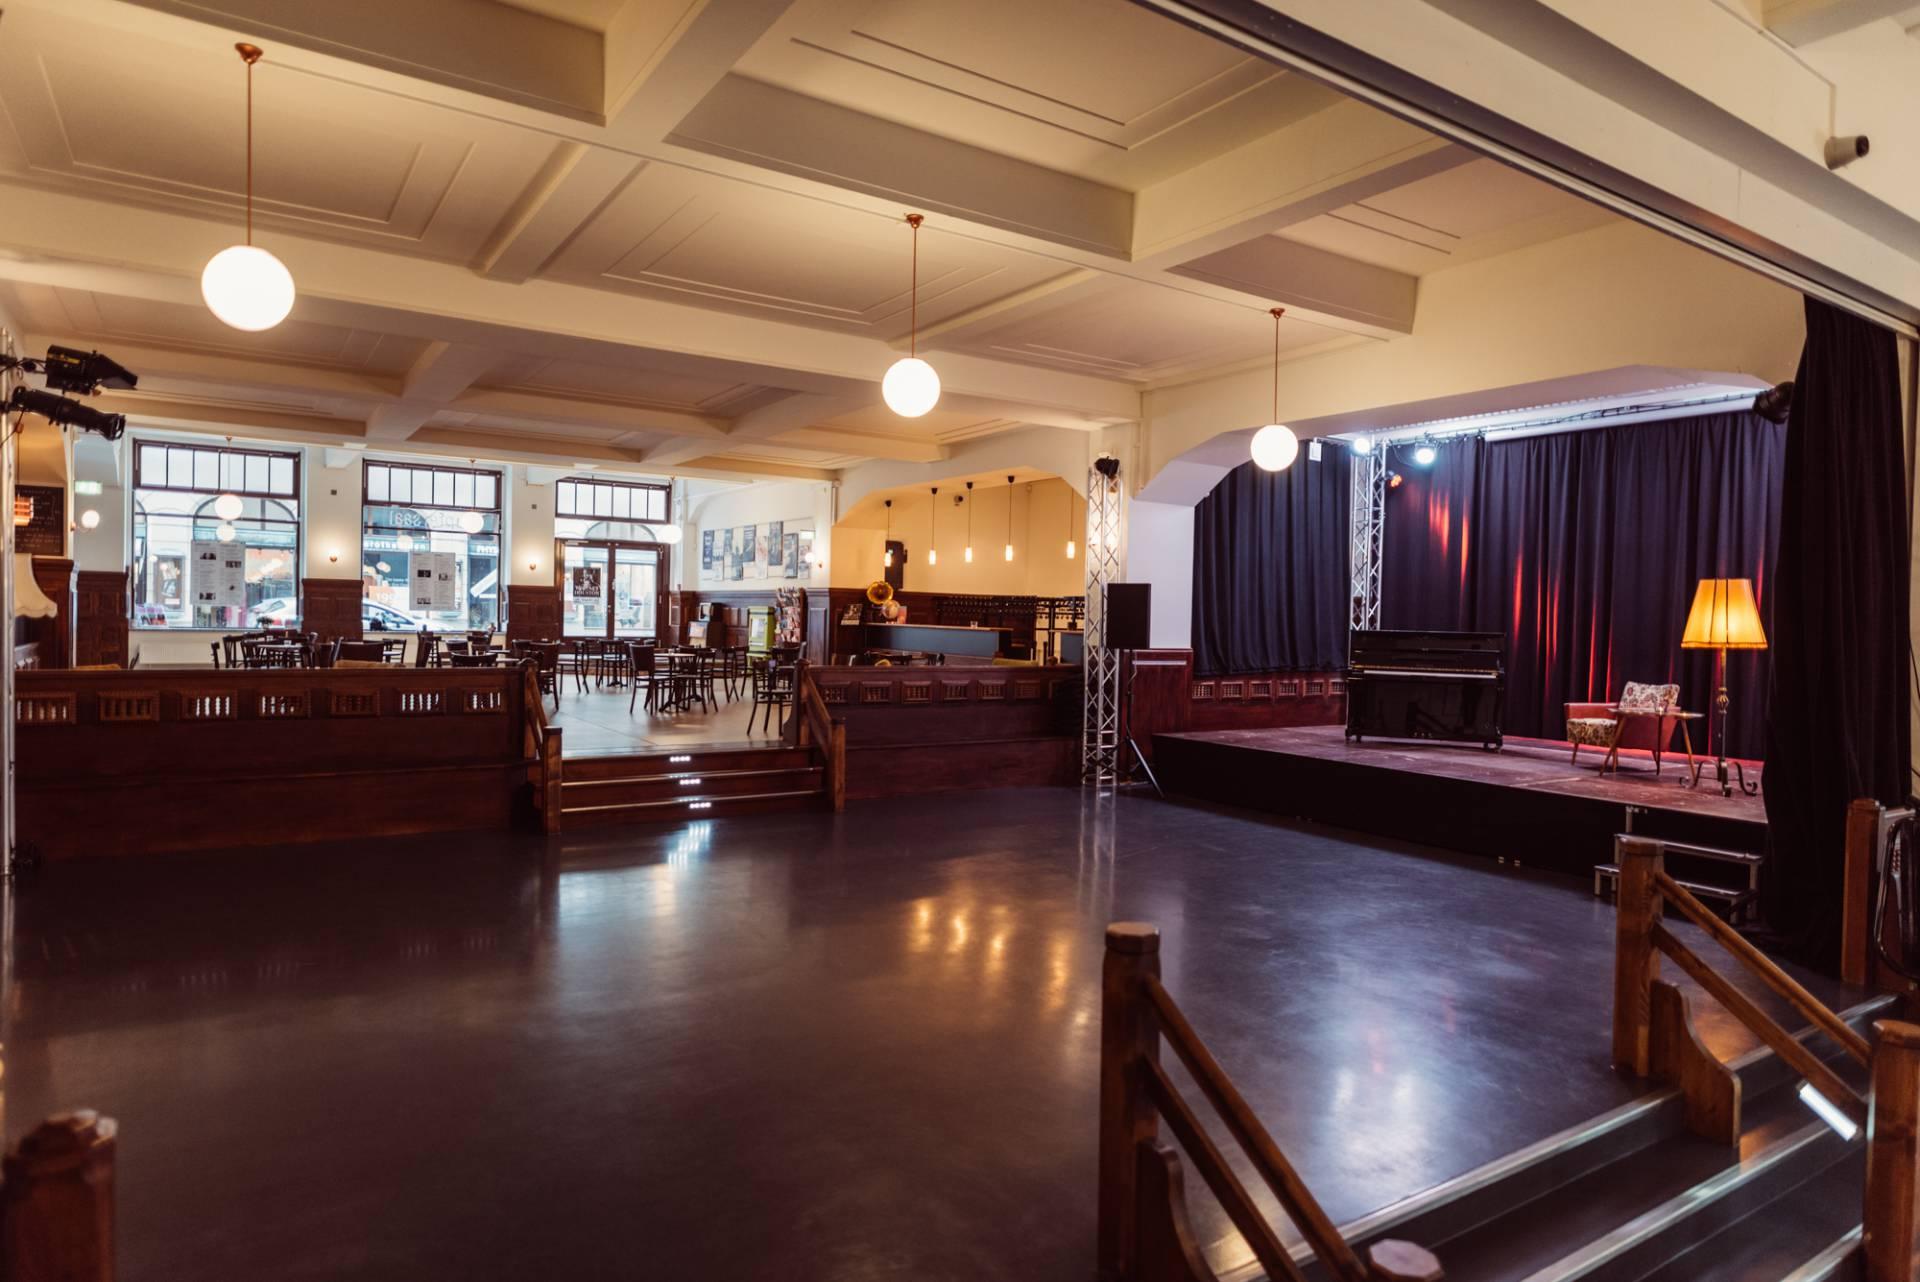 Kleiner Saal leer, Blick vom großen Saal, Rechts der Vorhang zur Separation beider Räume (Konrad Stöhr)